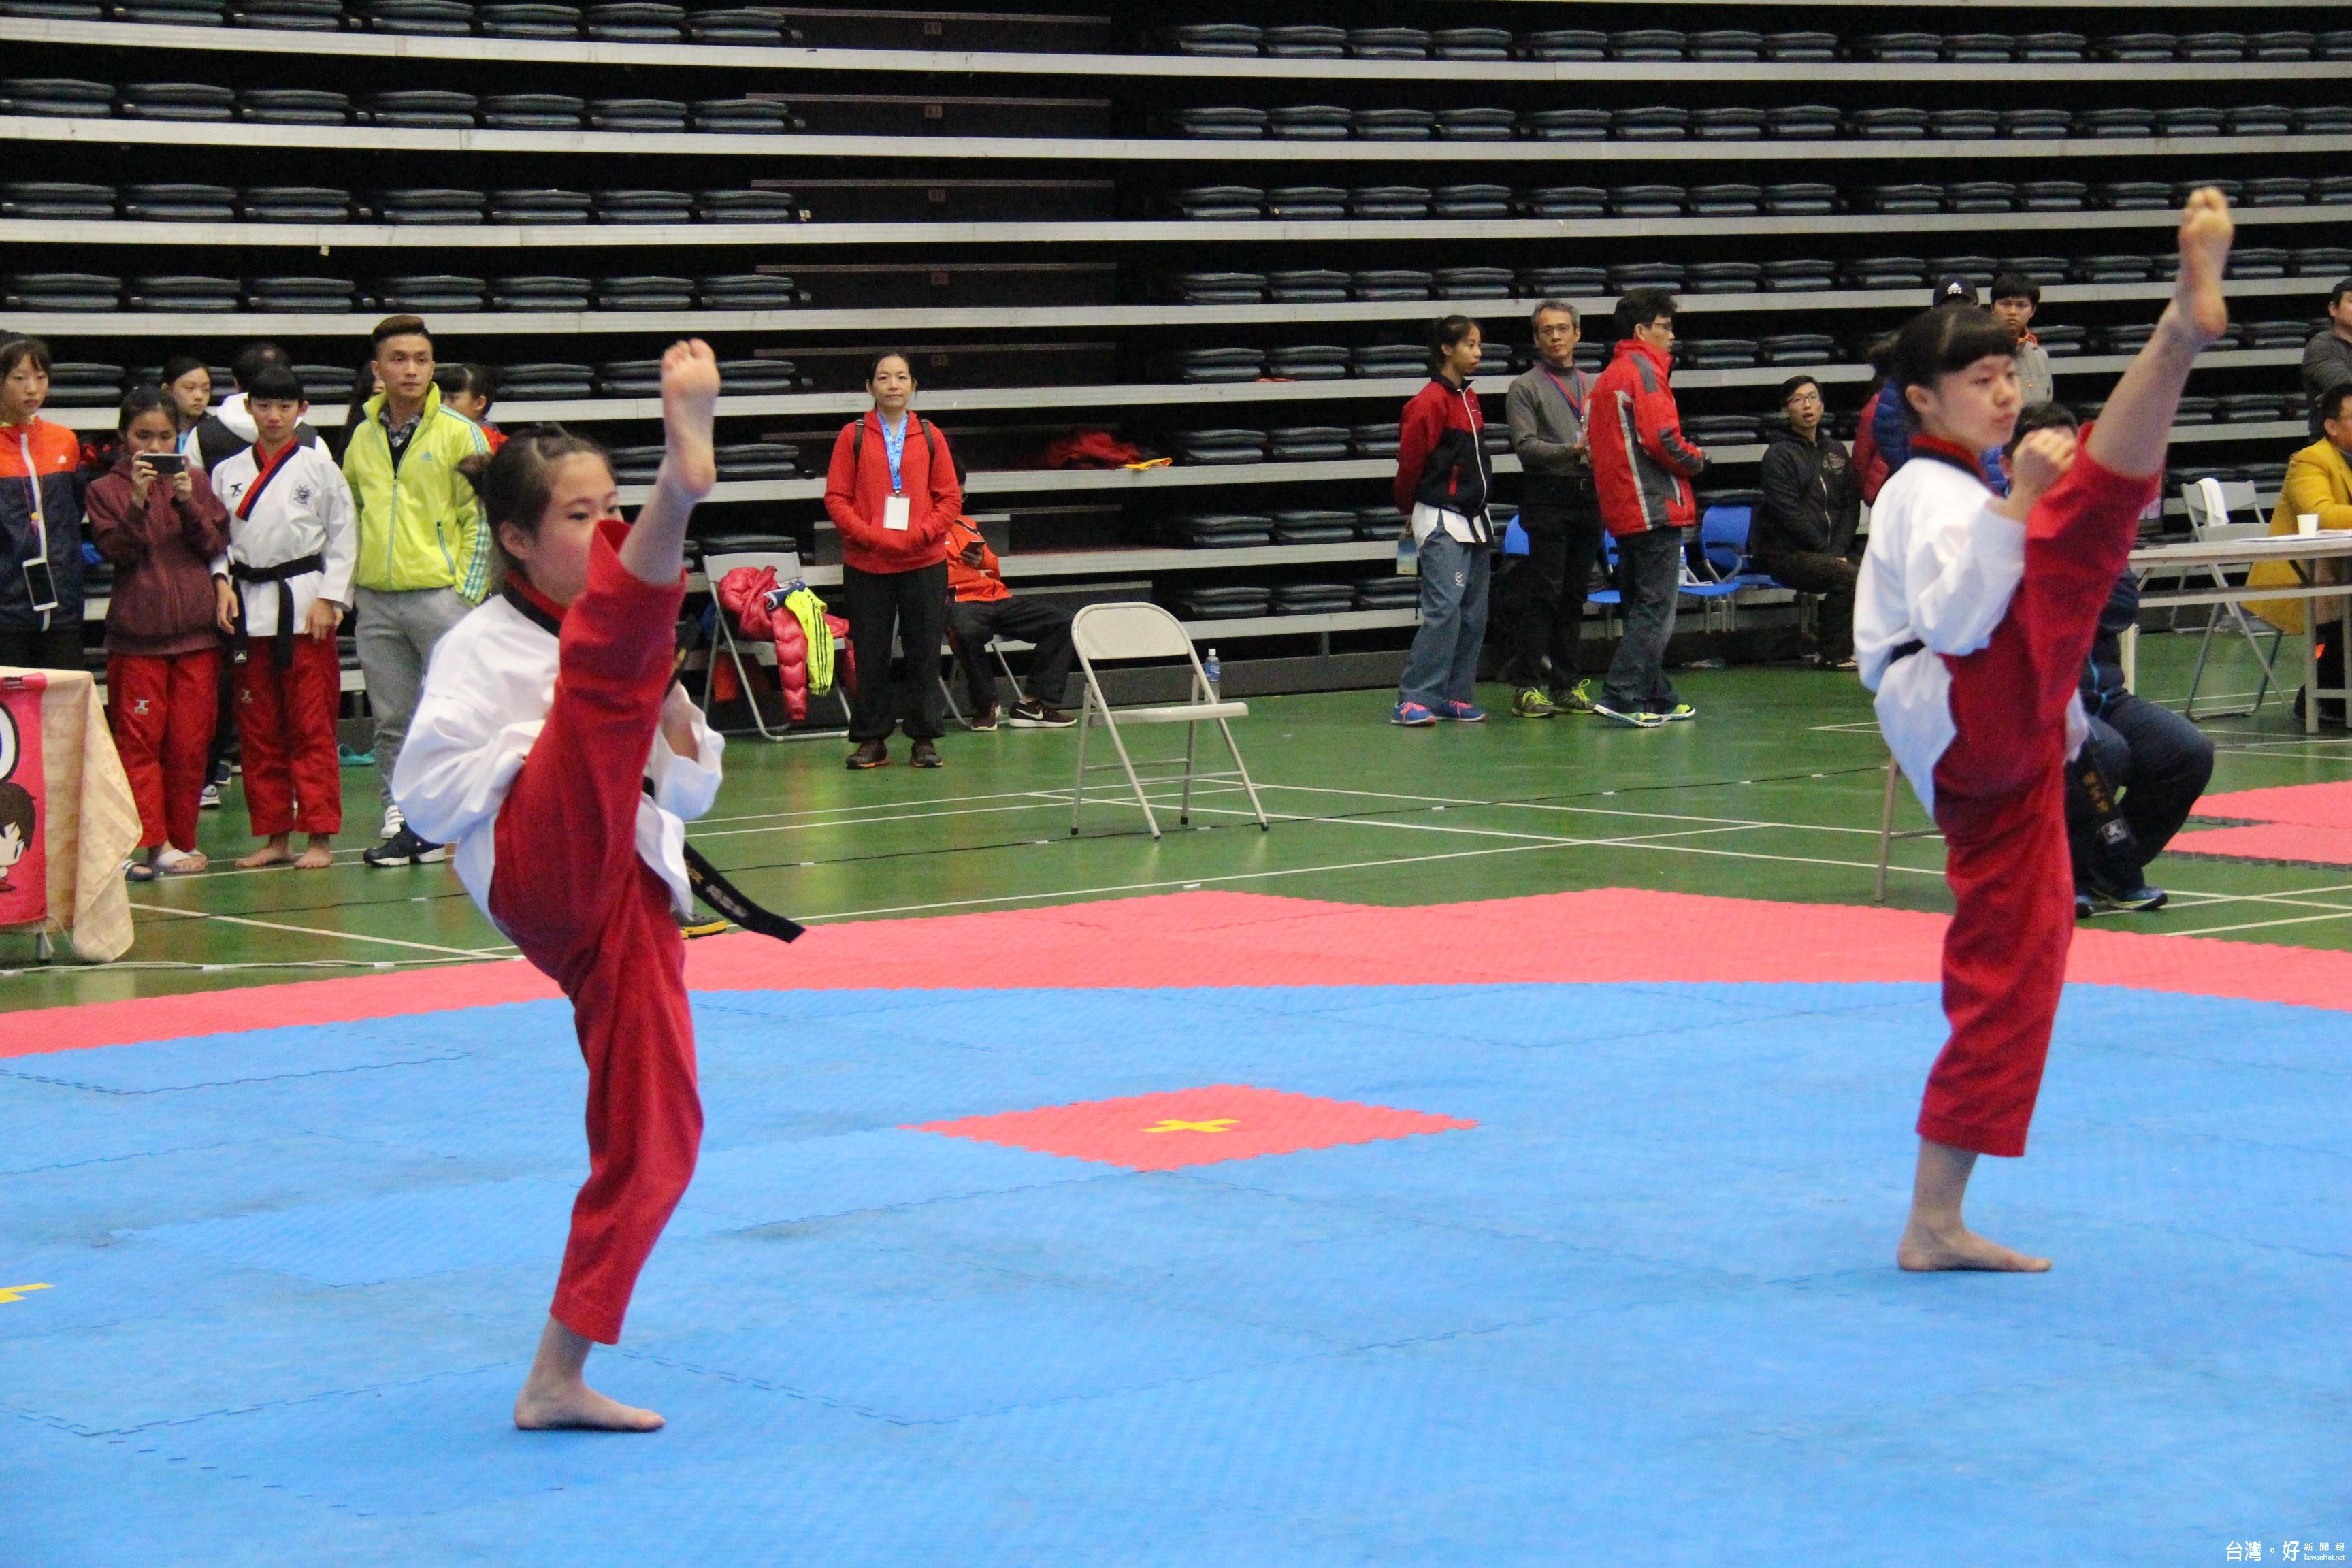 全國中小學跆拳道錦標賽 1800位好手參與競技